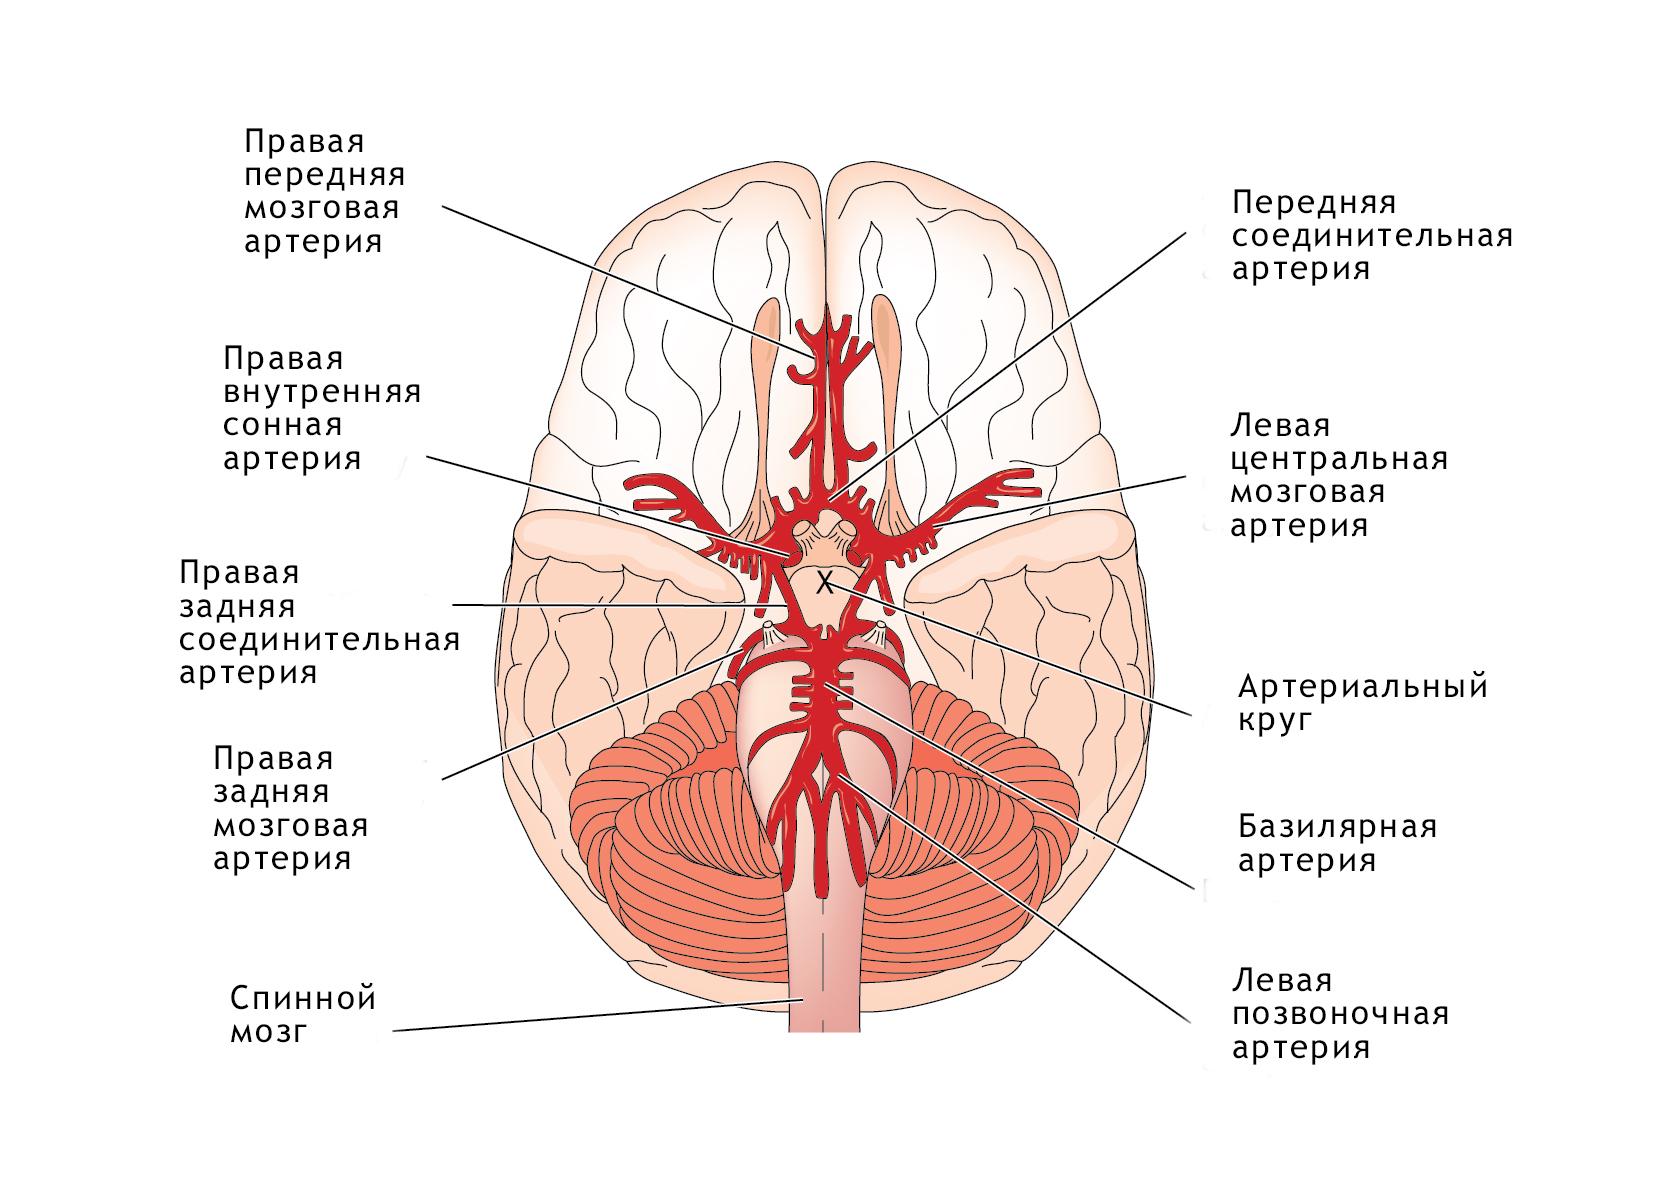 Артерии головы и шеи схема фото 196